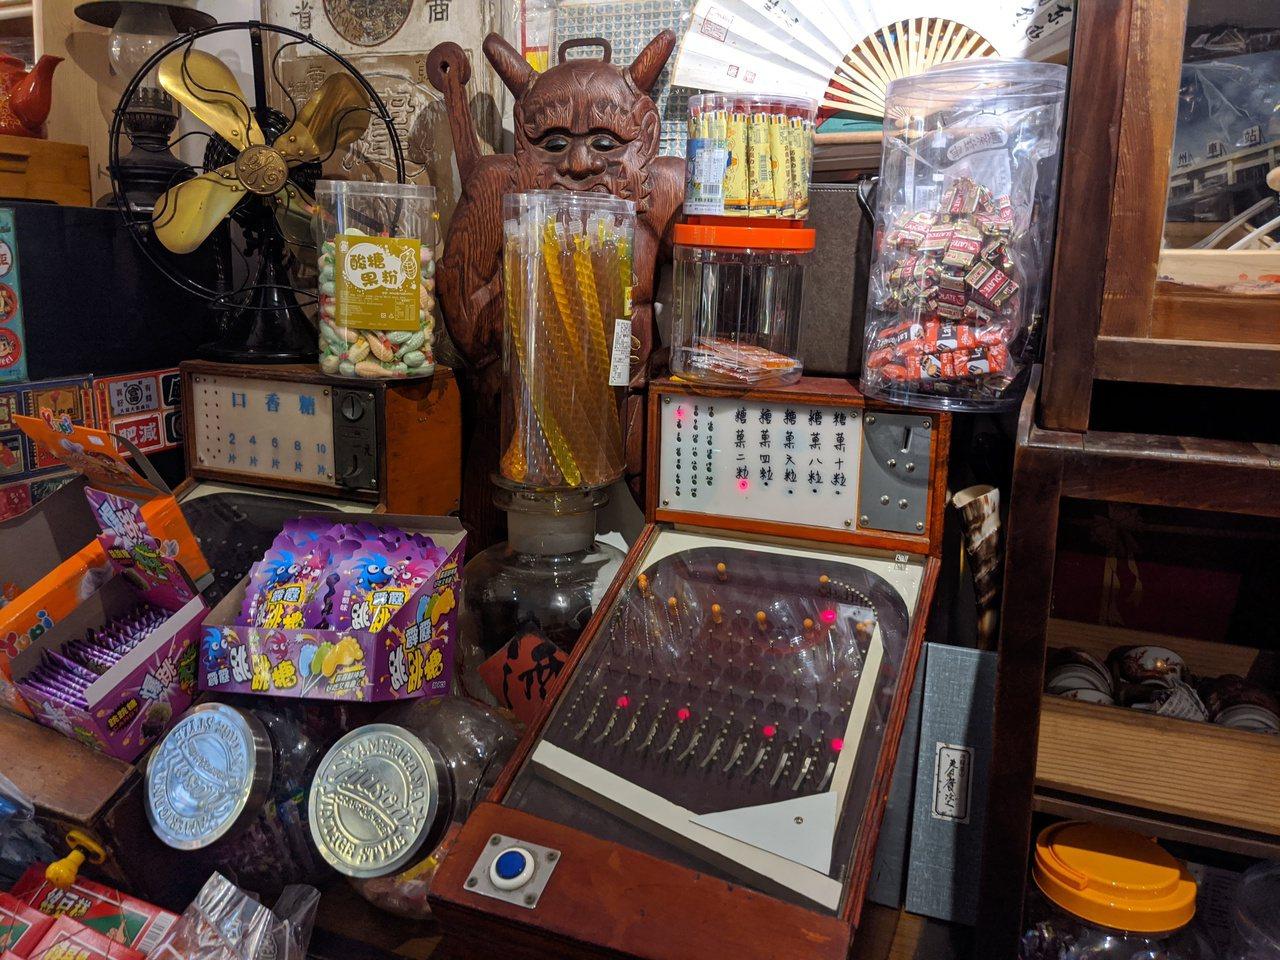 「台灣卡樂活168」,店內擺滿各式懷舊老物,以及琳瑯滿目的收藏品。 圖/陳弘逸 ...